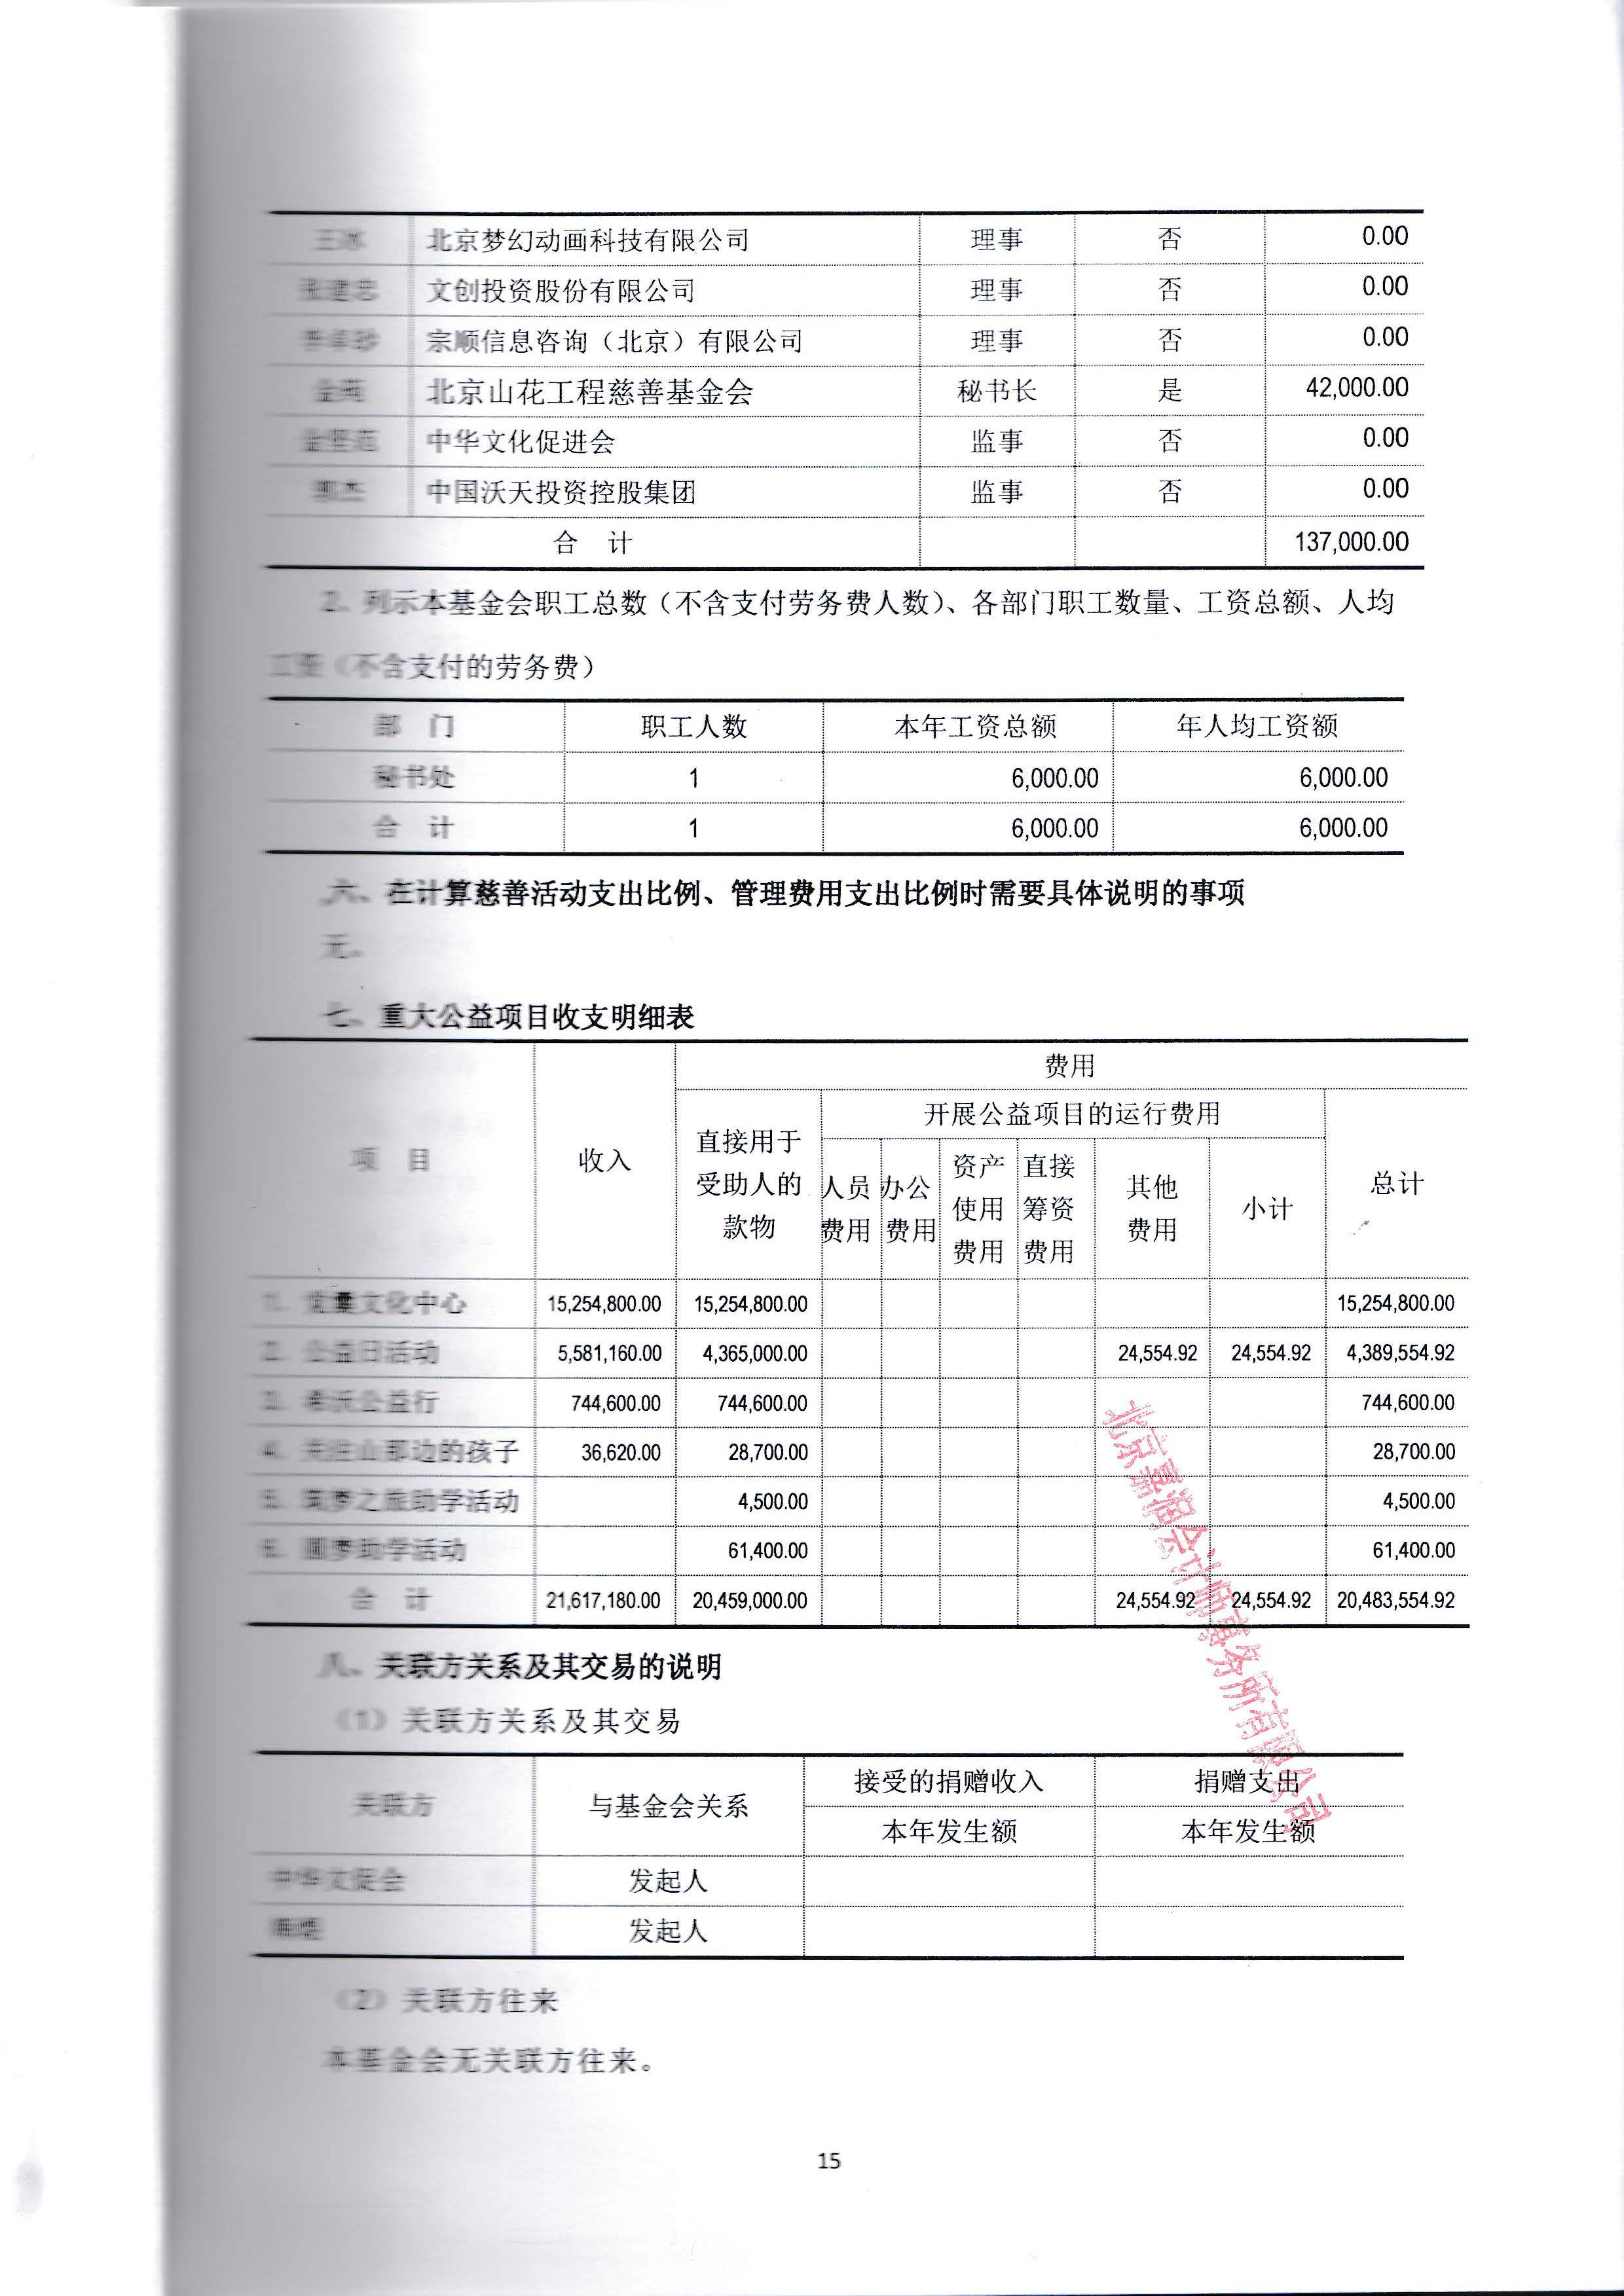 6具有资质的中介机构鉴证的上一年度财务报表和审计报告_页面_18